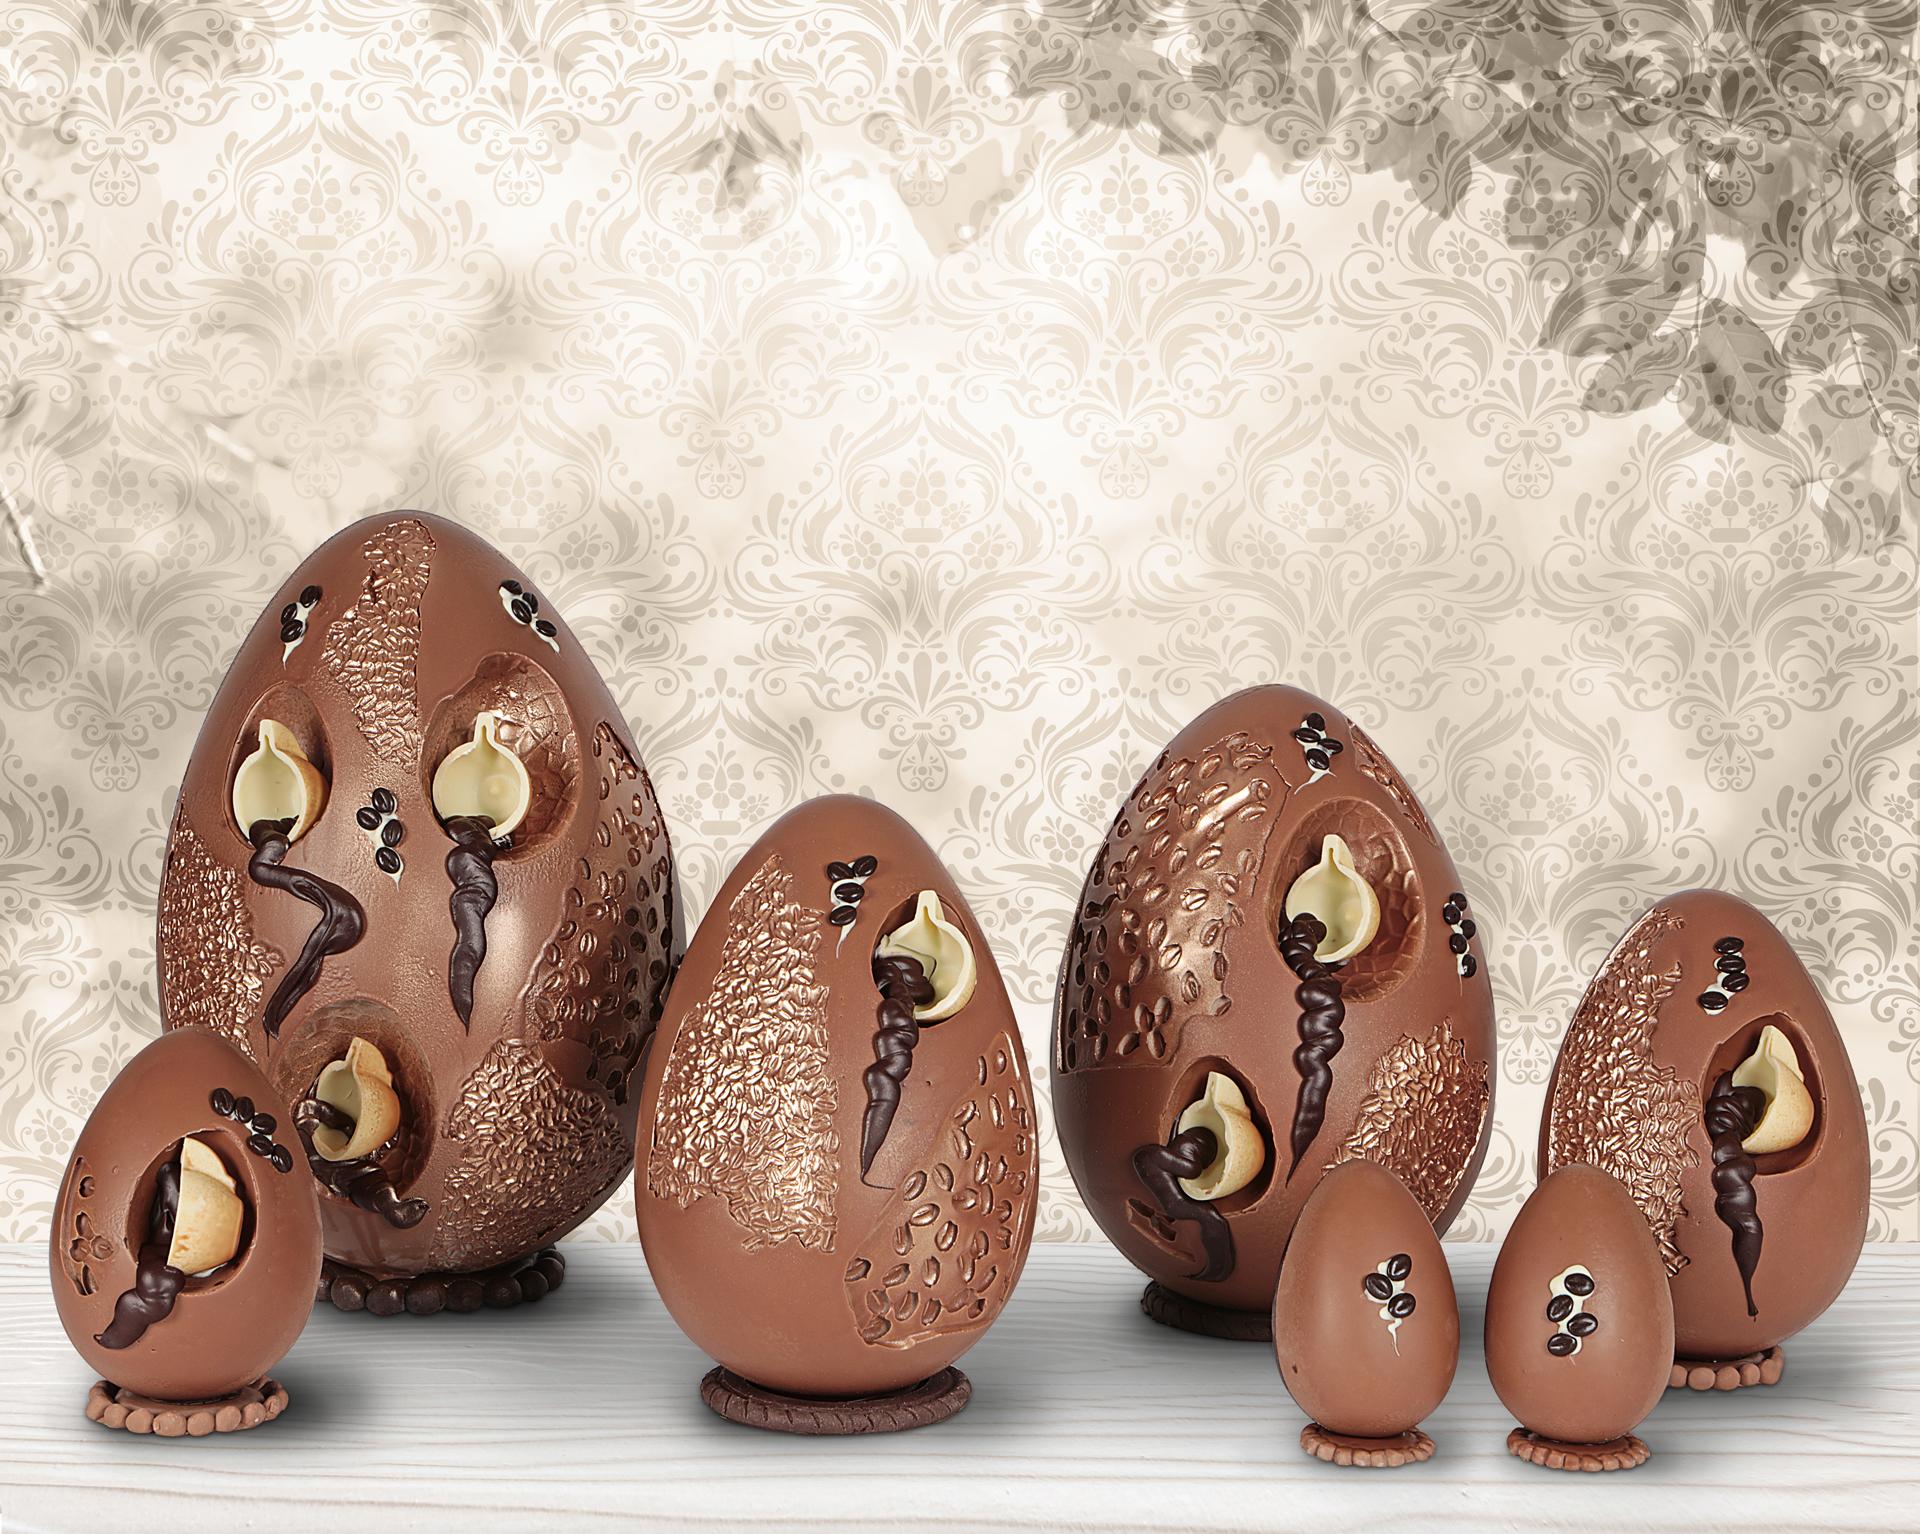 Collezione 2018 uovo di cioccolato caff gli speziali di - Uova di pasqua in casa ...